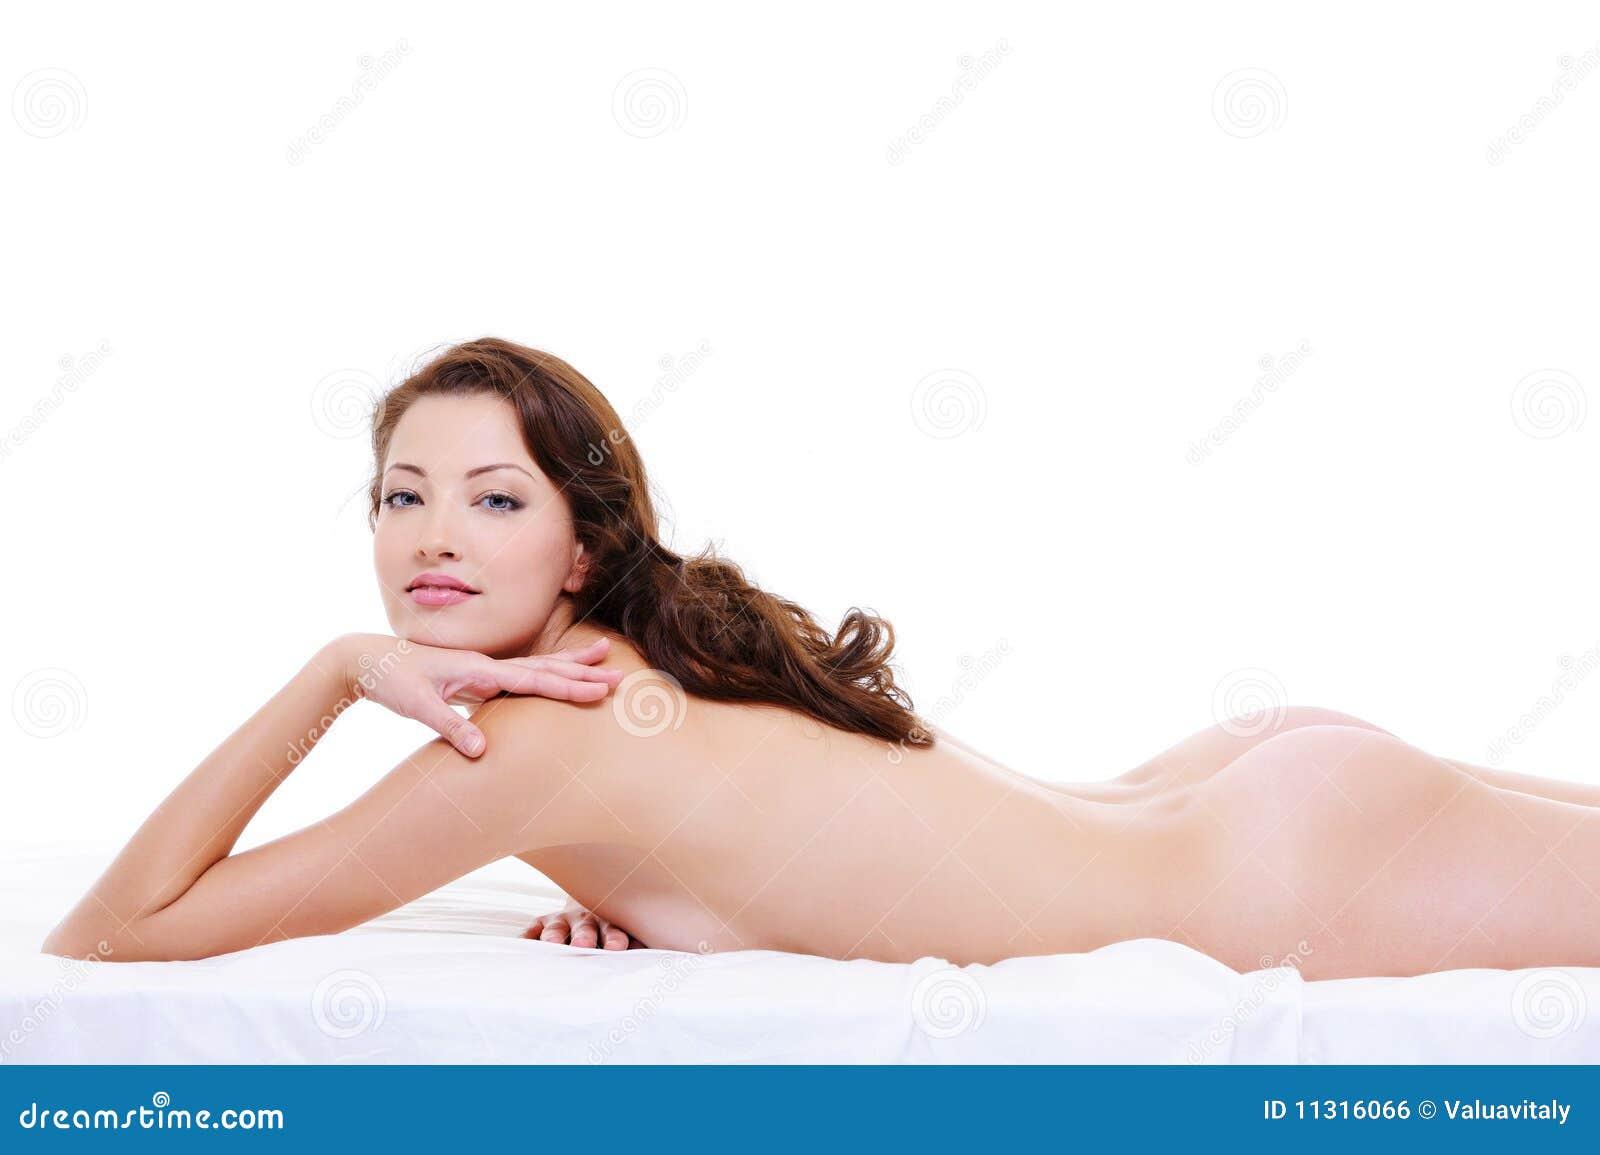 sleeping girls naked asses